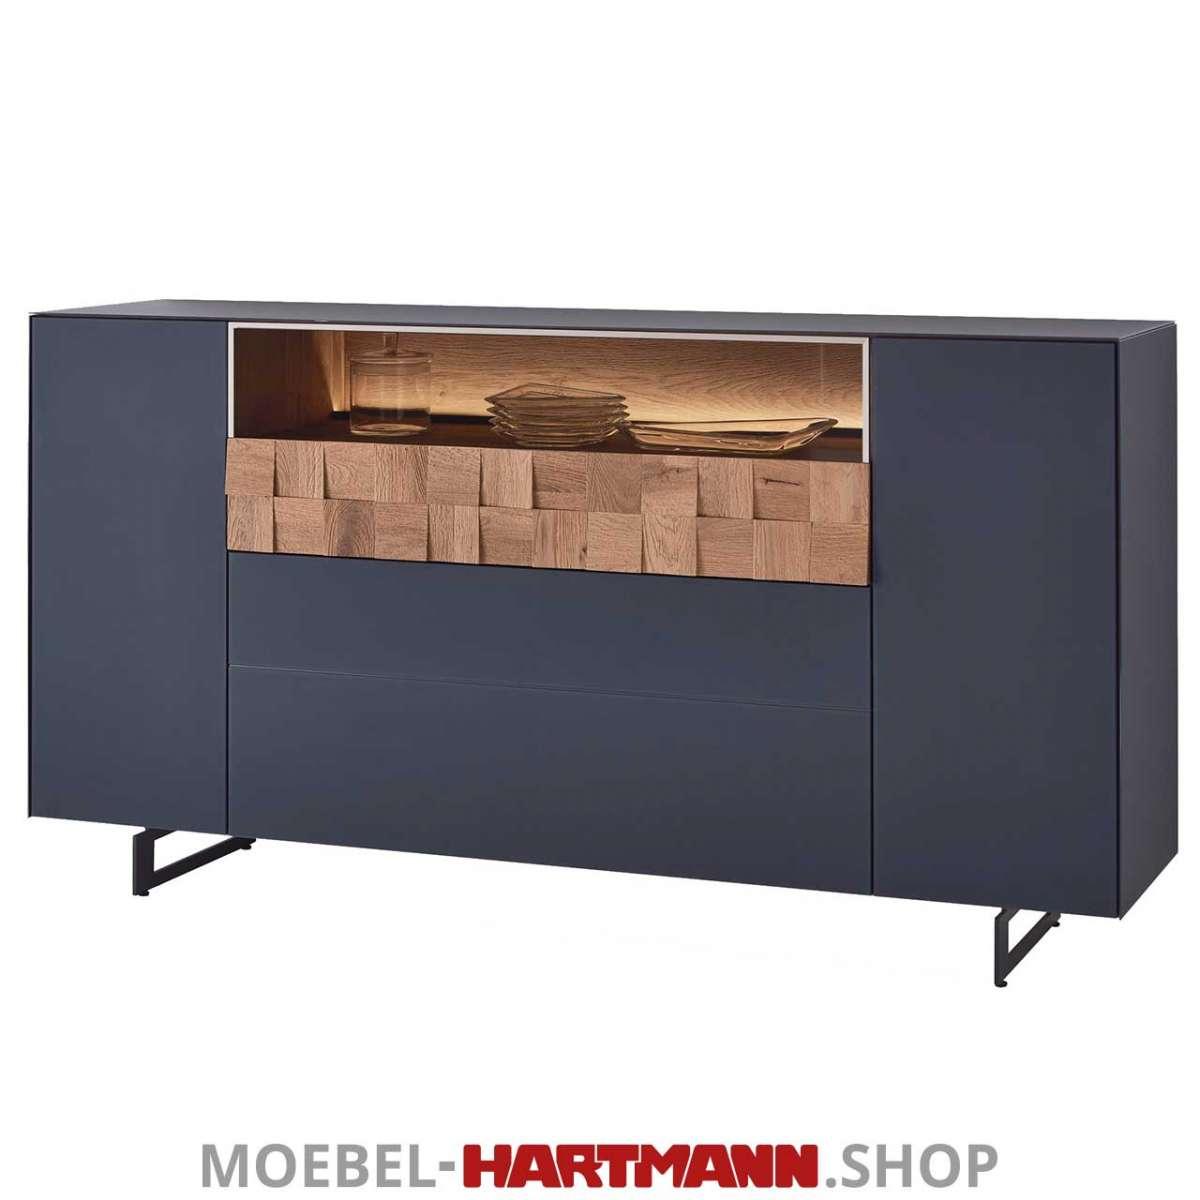 Hartmann Liv